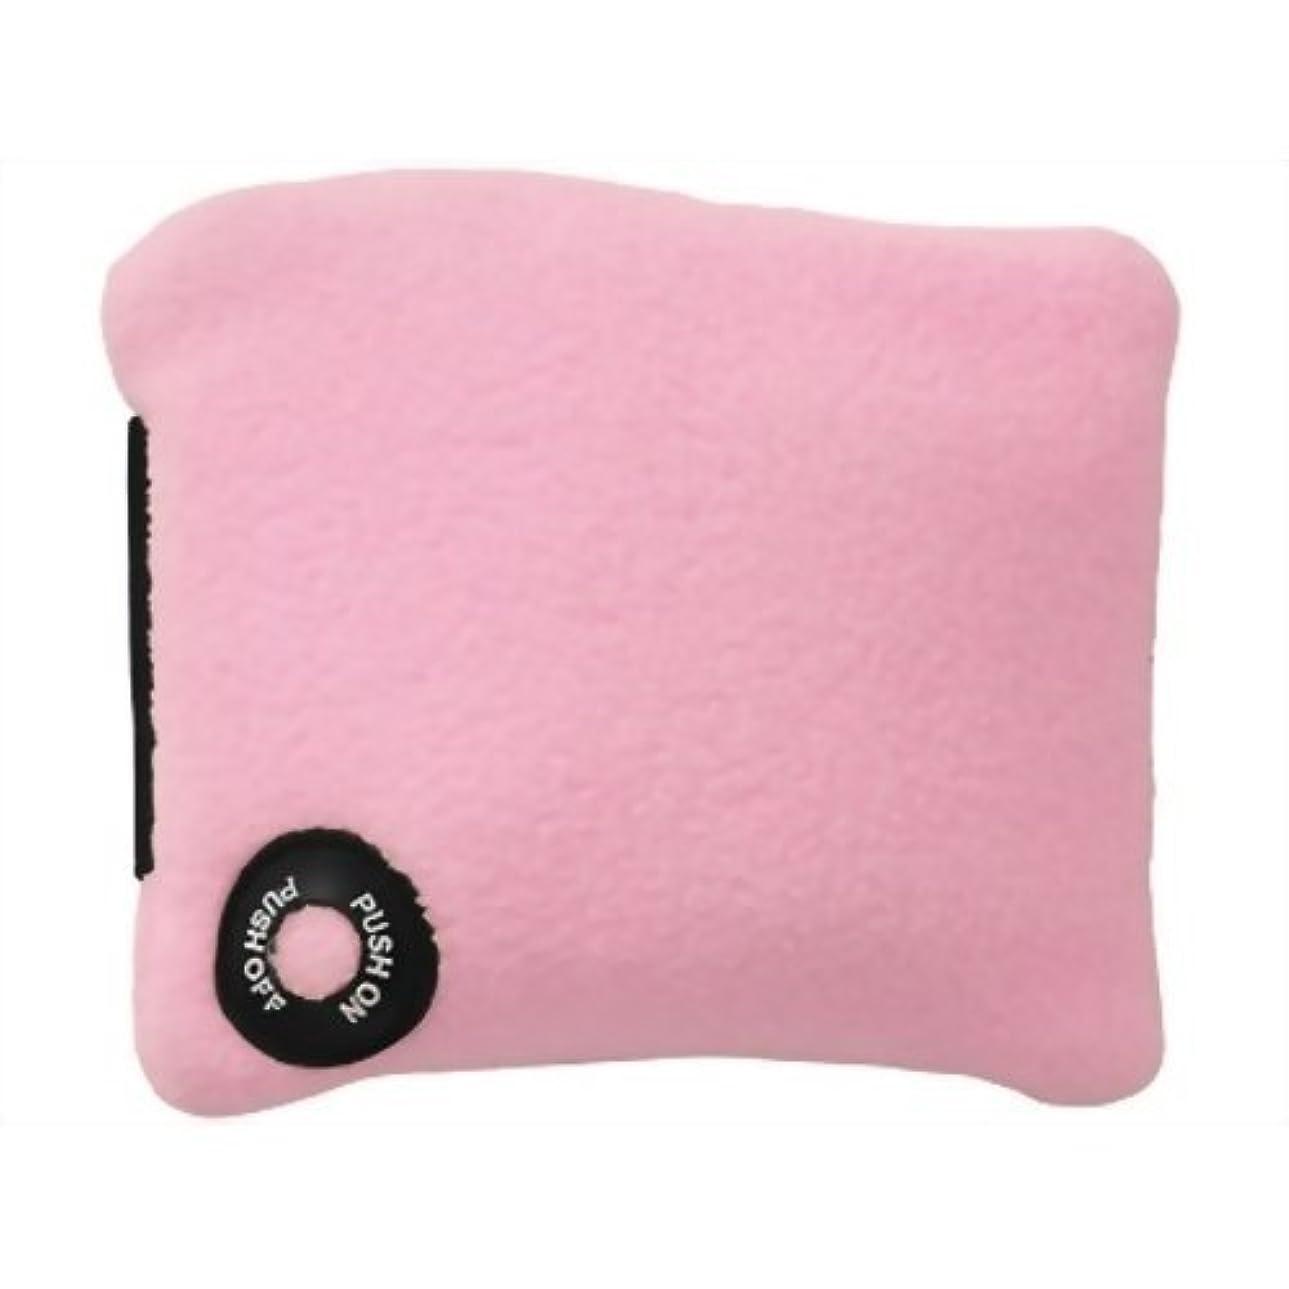 肥満ほとんどの場合報酬ぶるる 足用 ピンク フリーサイズ